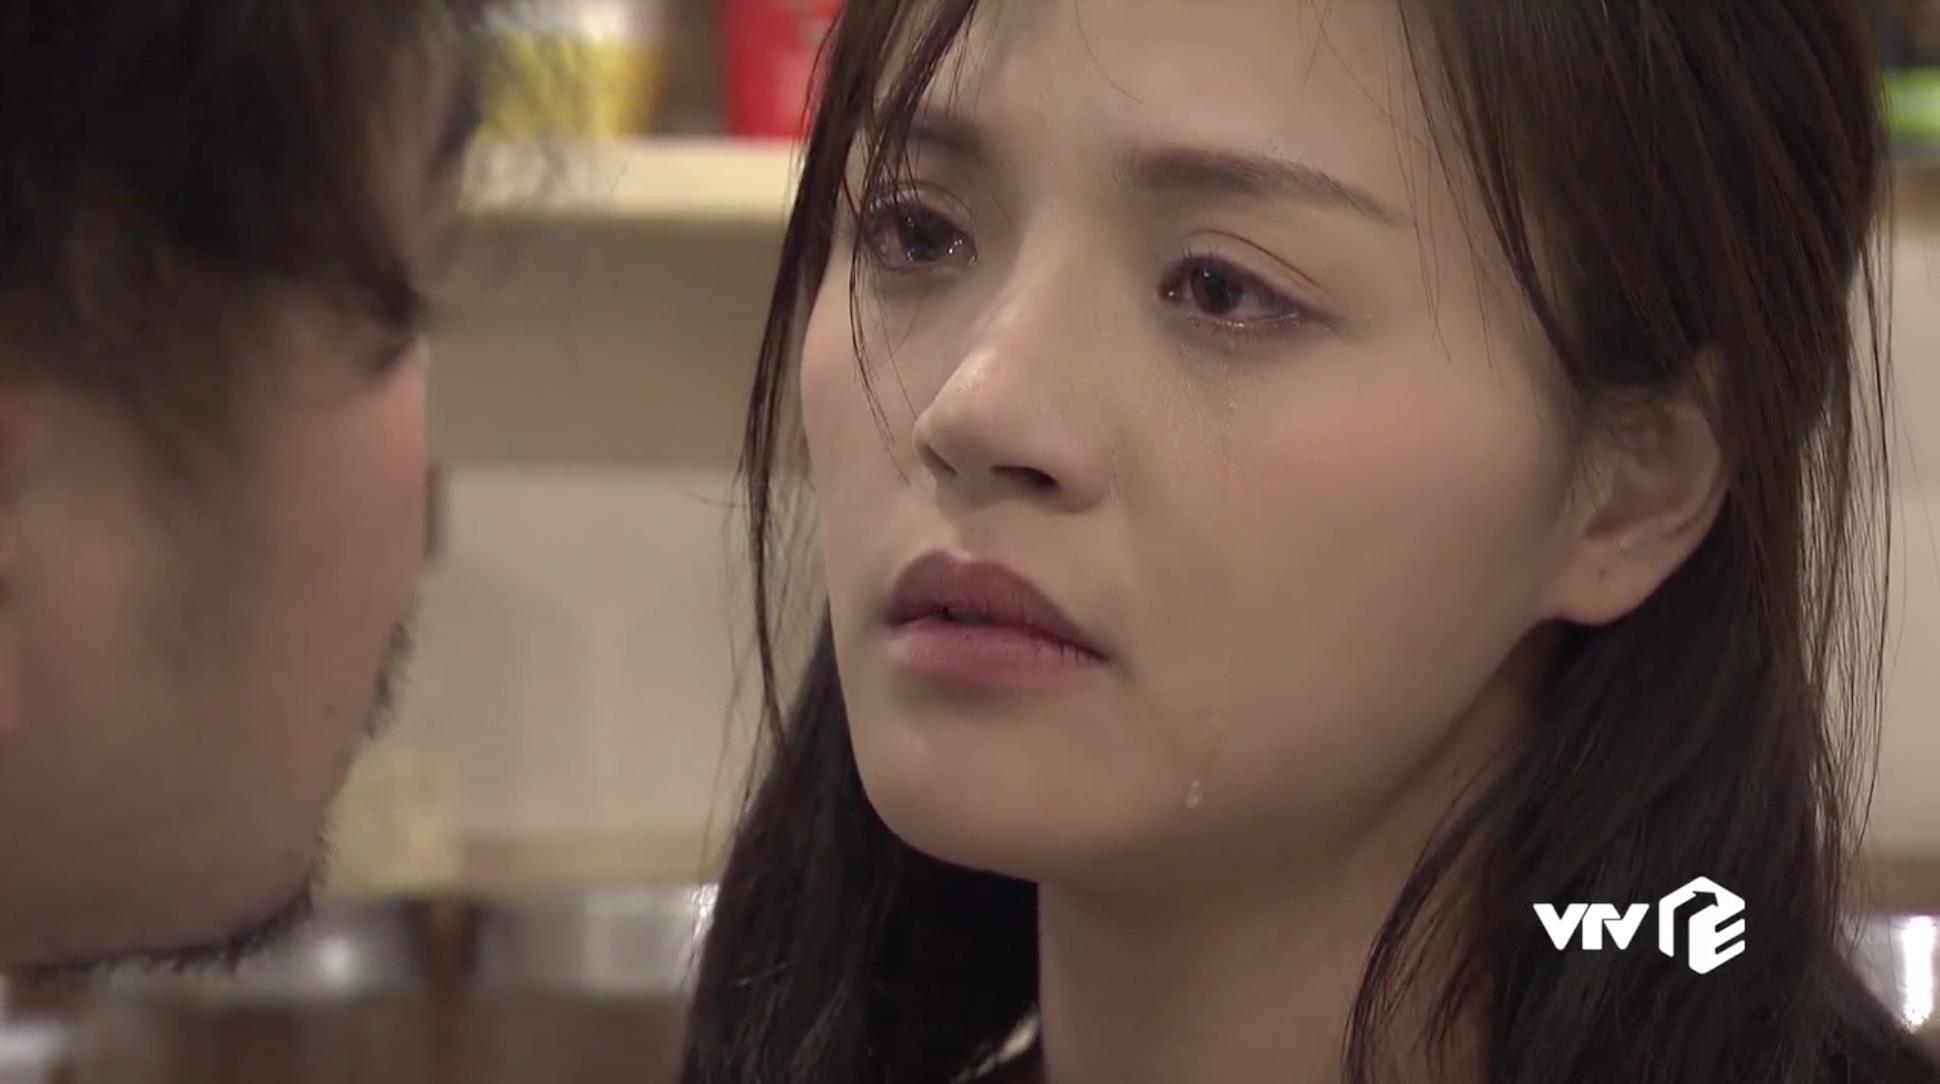 Về nhà đi con tập 31: Khải nổi điên, cưỡng hôn Huệ khi cô qua đêm với người yêu cũ rồi đòi li dị - Ảnh 11.